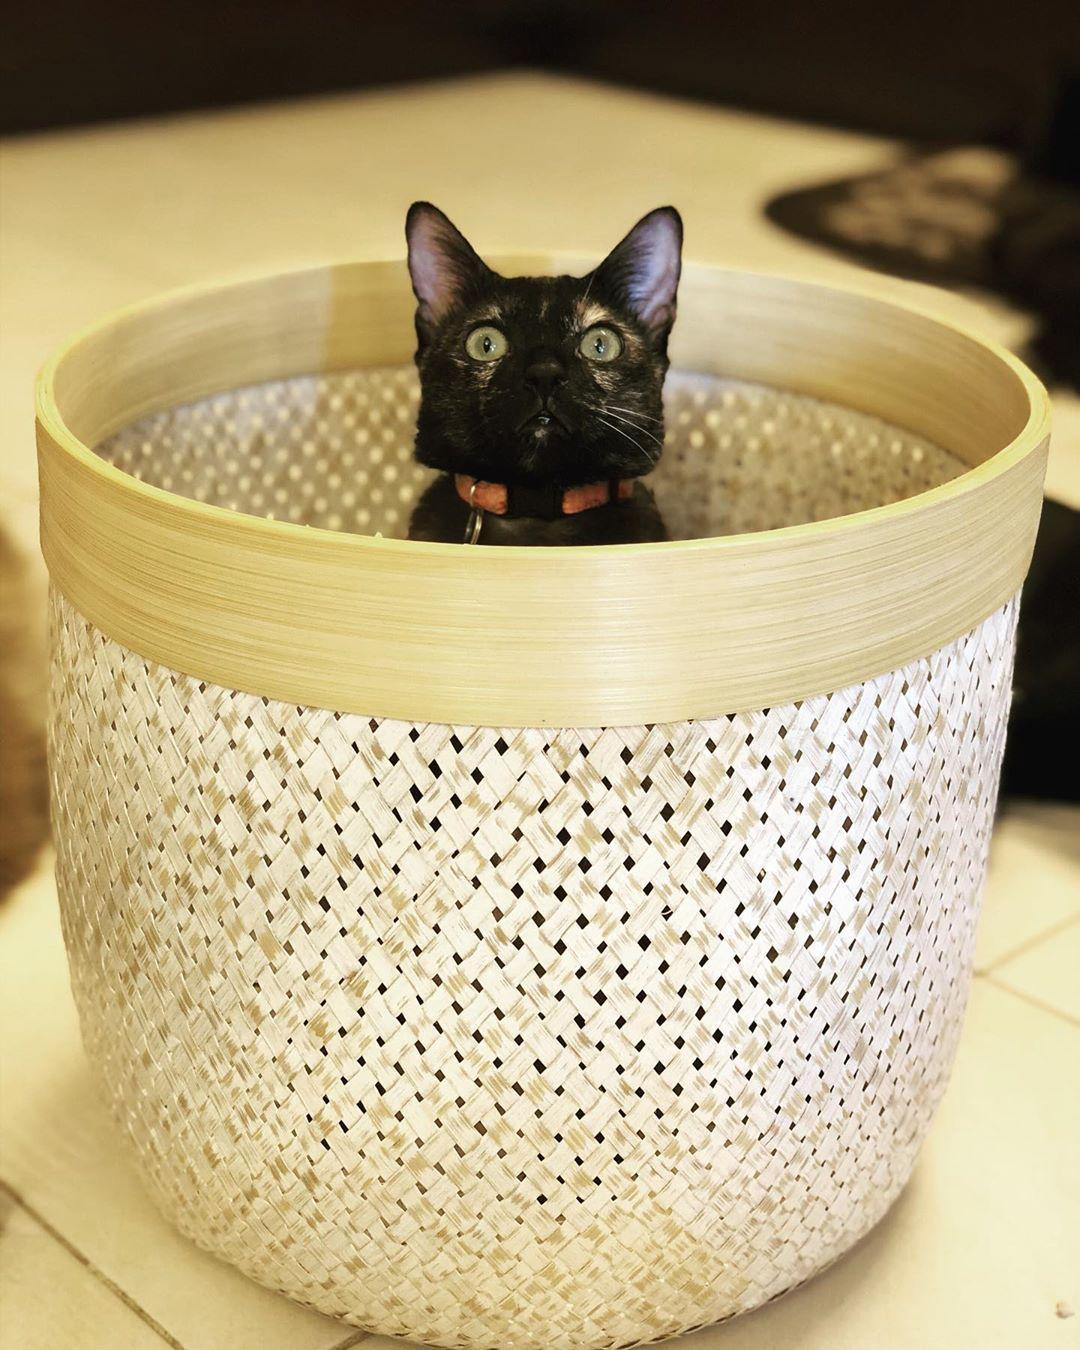 Tortie in a basket #cats #catsofinstagram #catlovers #meow #neko #kitty #cute #tortiesofinstagram #crazyplantlady #ilovecats